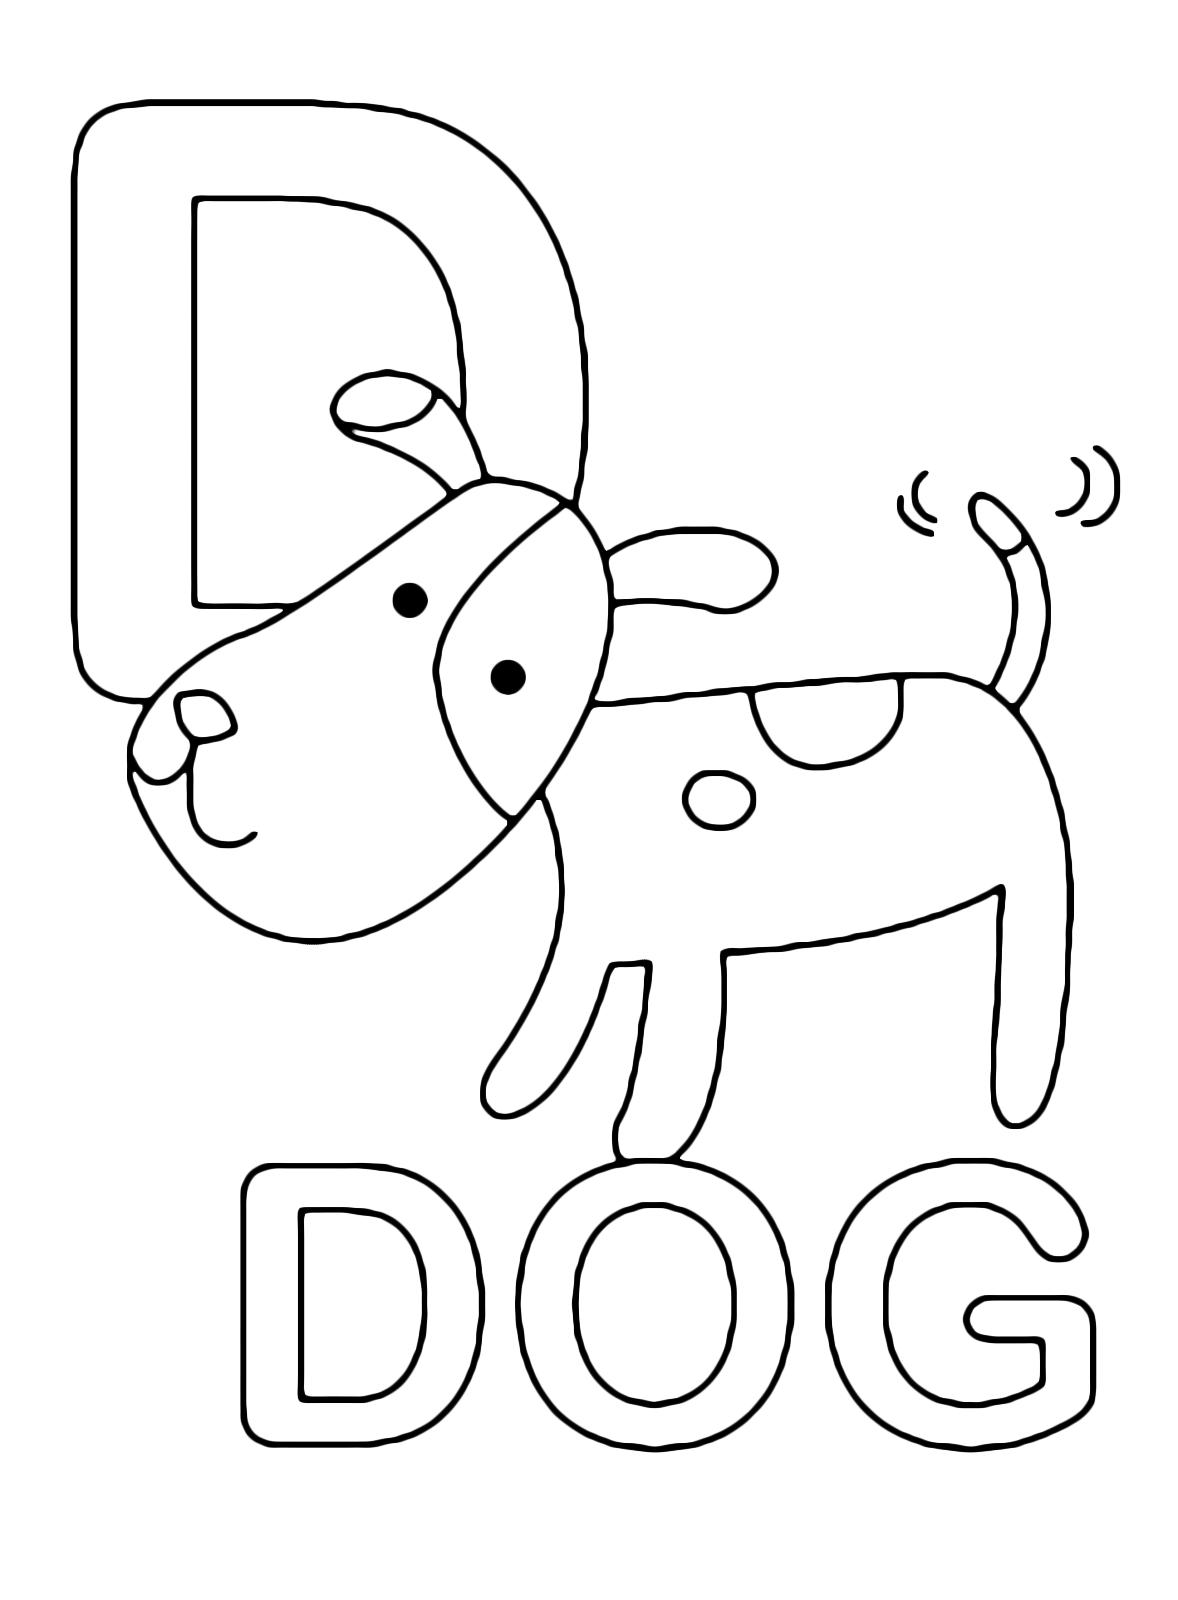 Lettere e numeri - Lettera D in stampatello di dog (cane